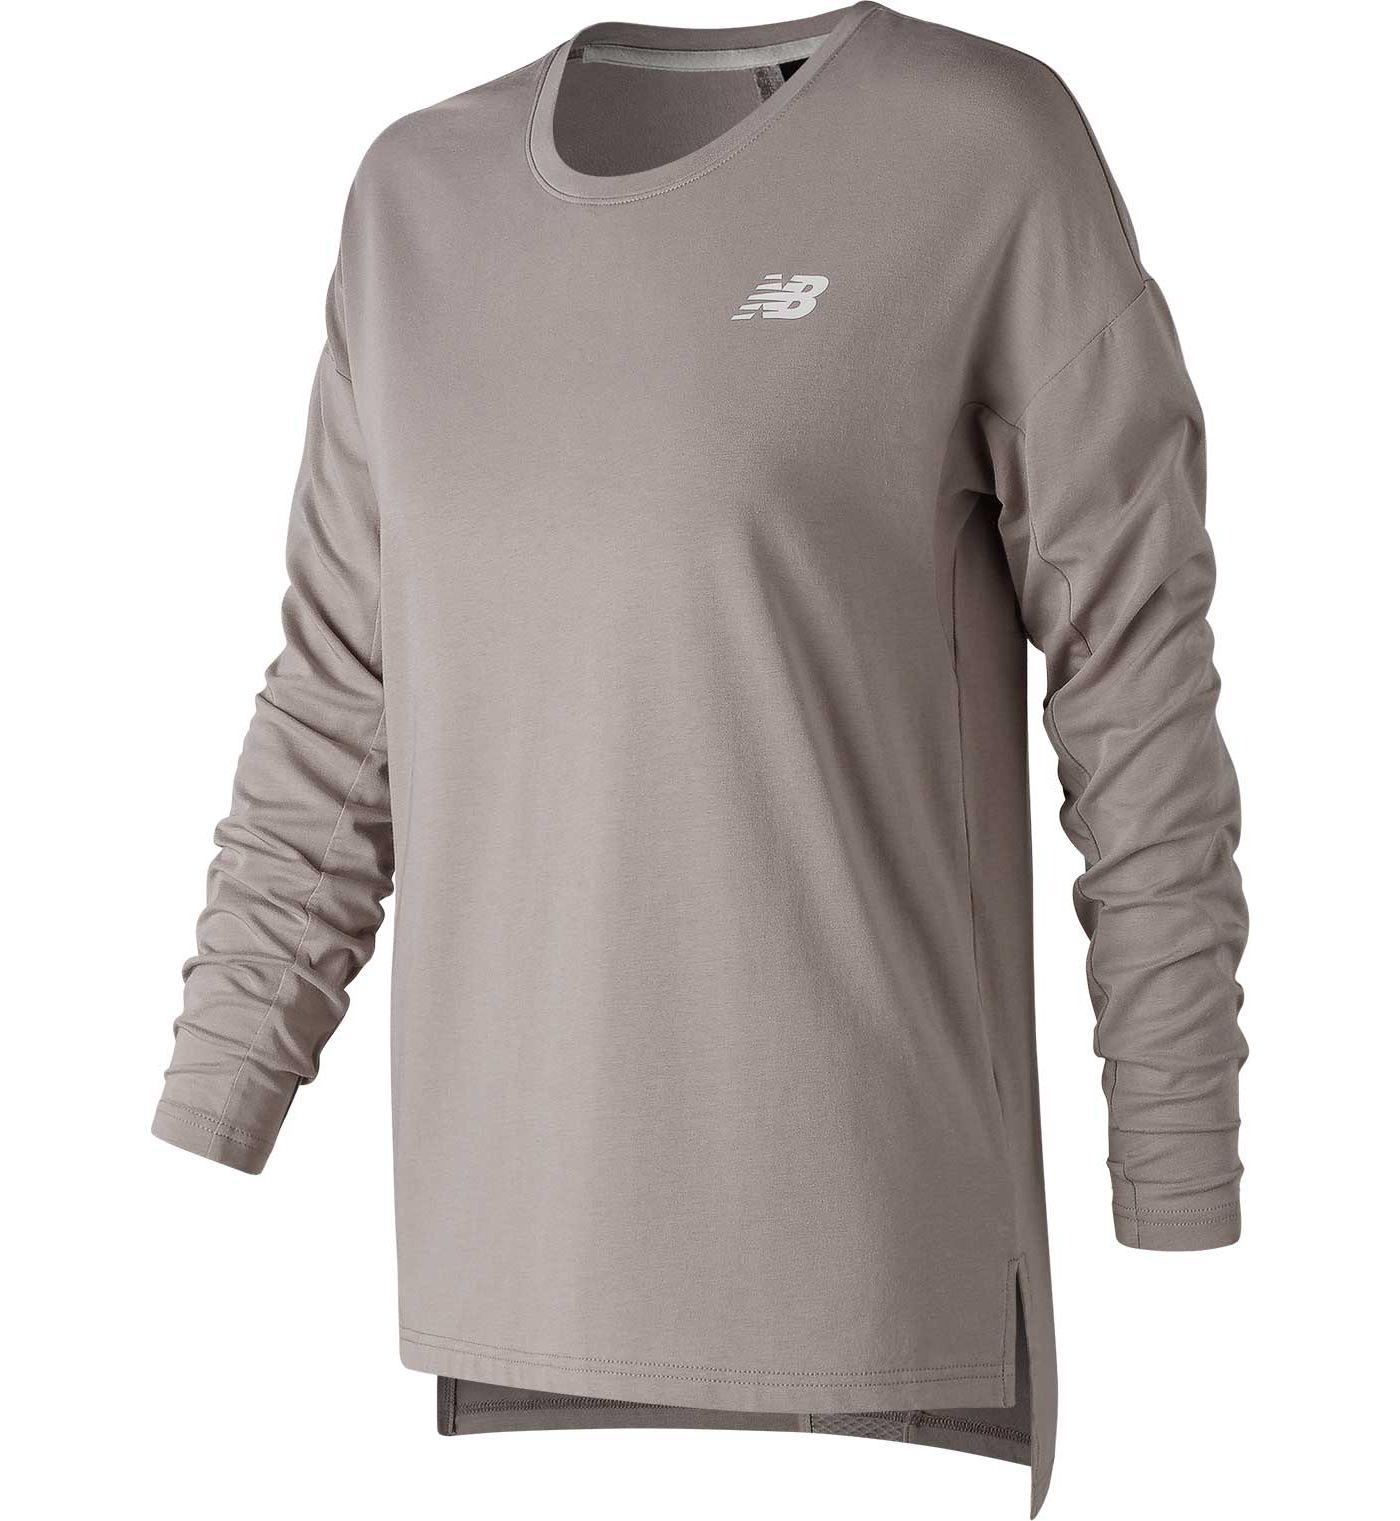 New Balance Women's 247 Sport Long Sleeve Shirt